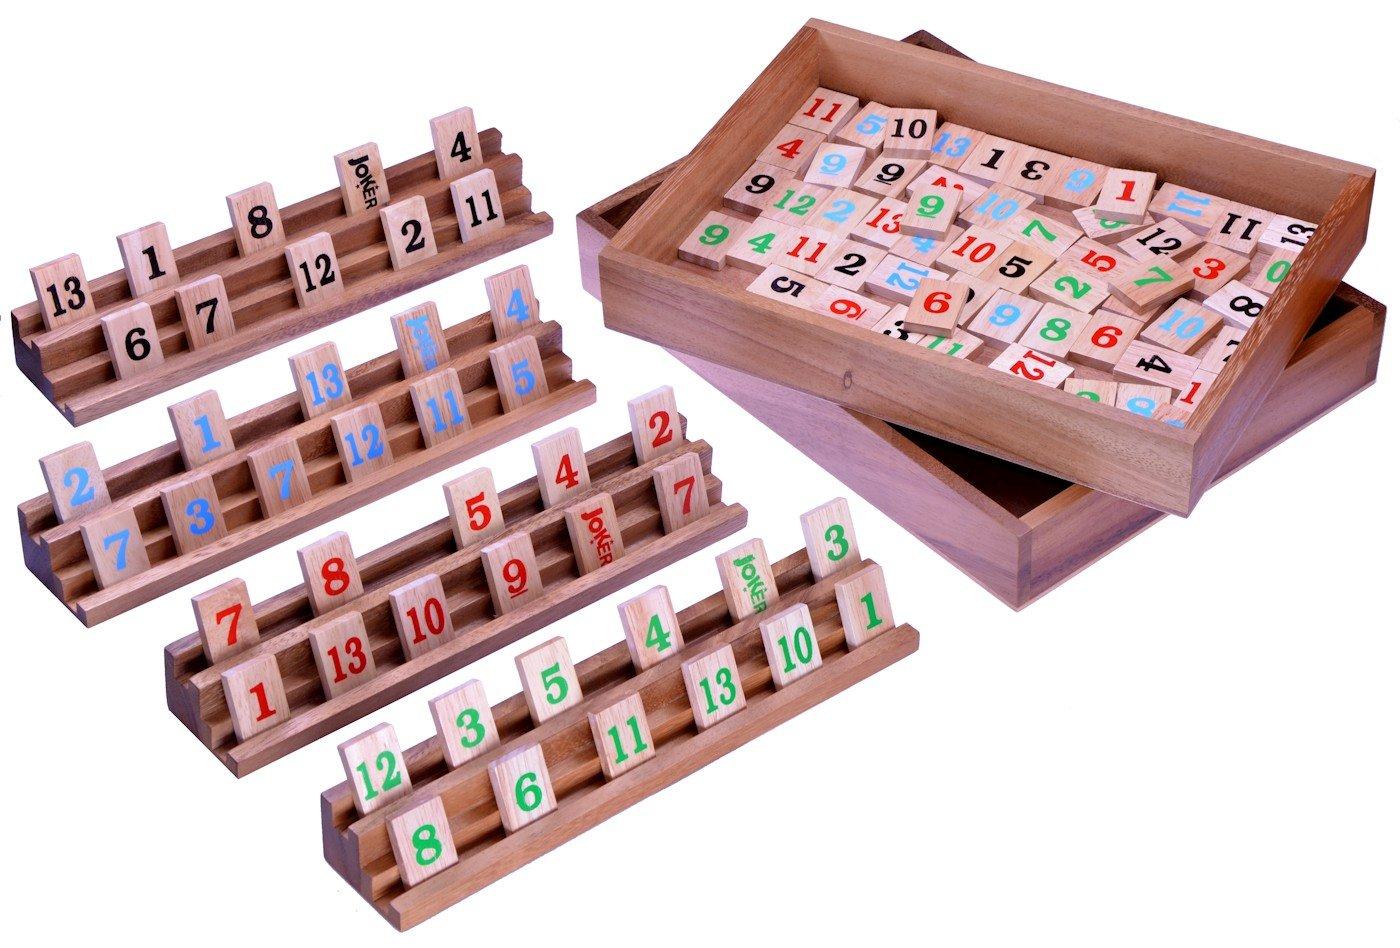 Rummy - Strategiespiel - Gesellschaftsspiel - Legespiel in sehr edler Ausführung - alle Teile aus Samena und Hevea Holz